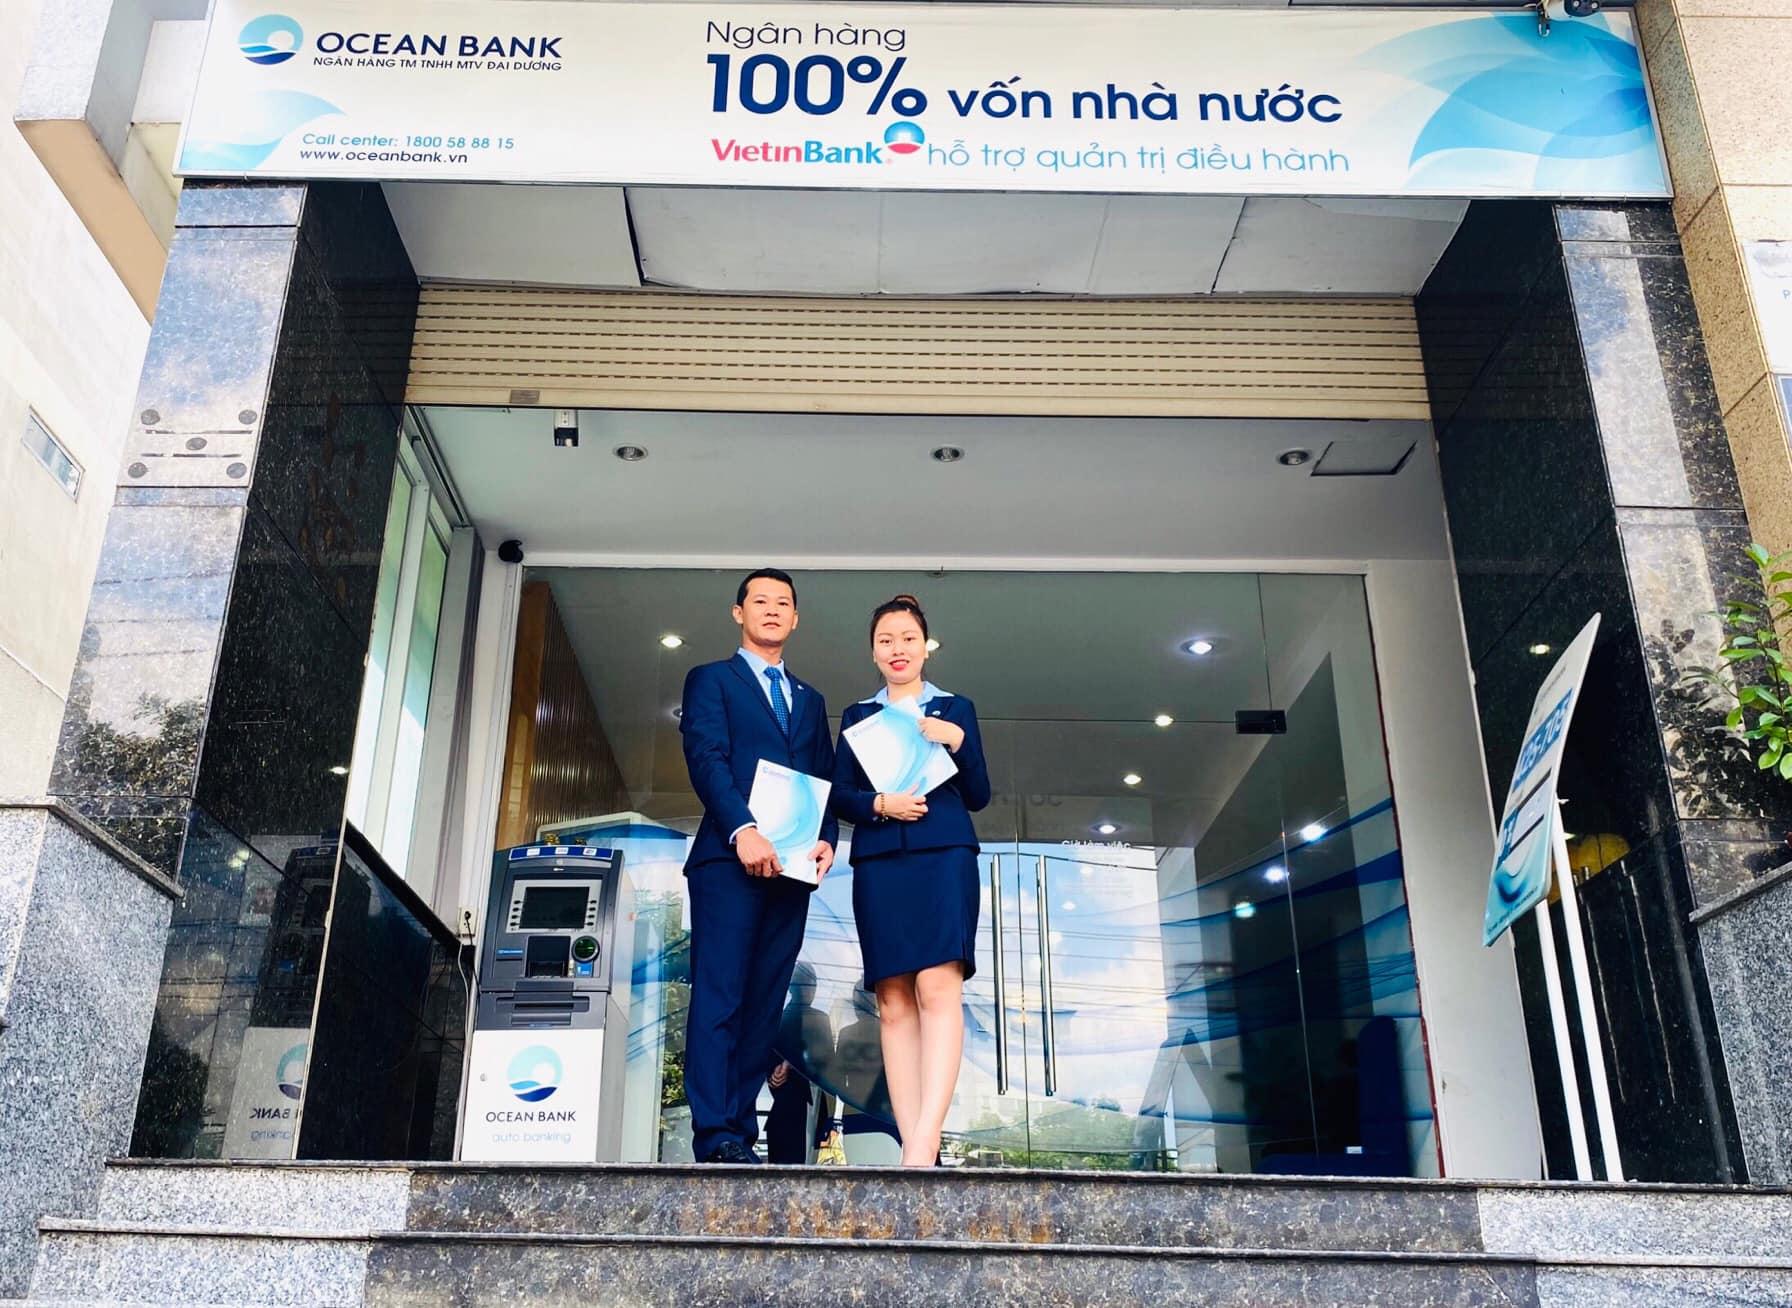 Lãi suất ngân hàng OceanBank mới nhất tháng 7/2021 - Ảnh 1.